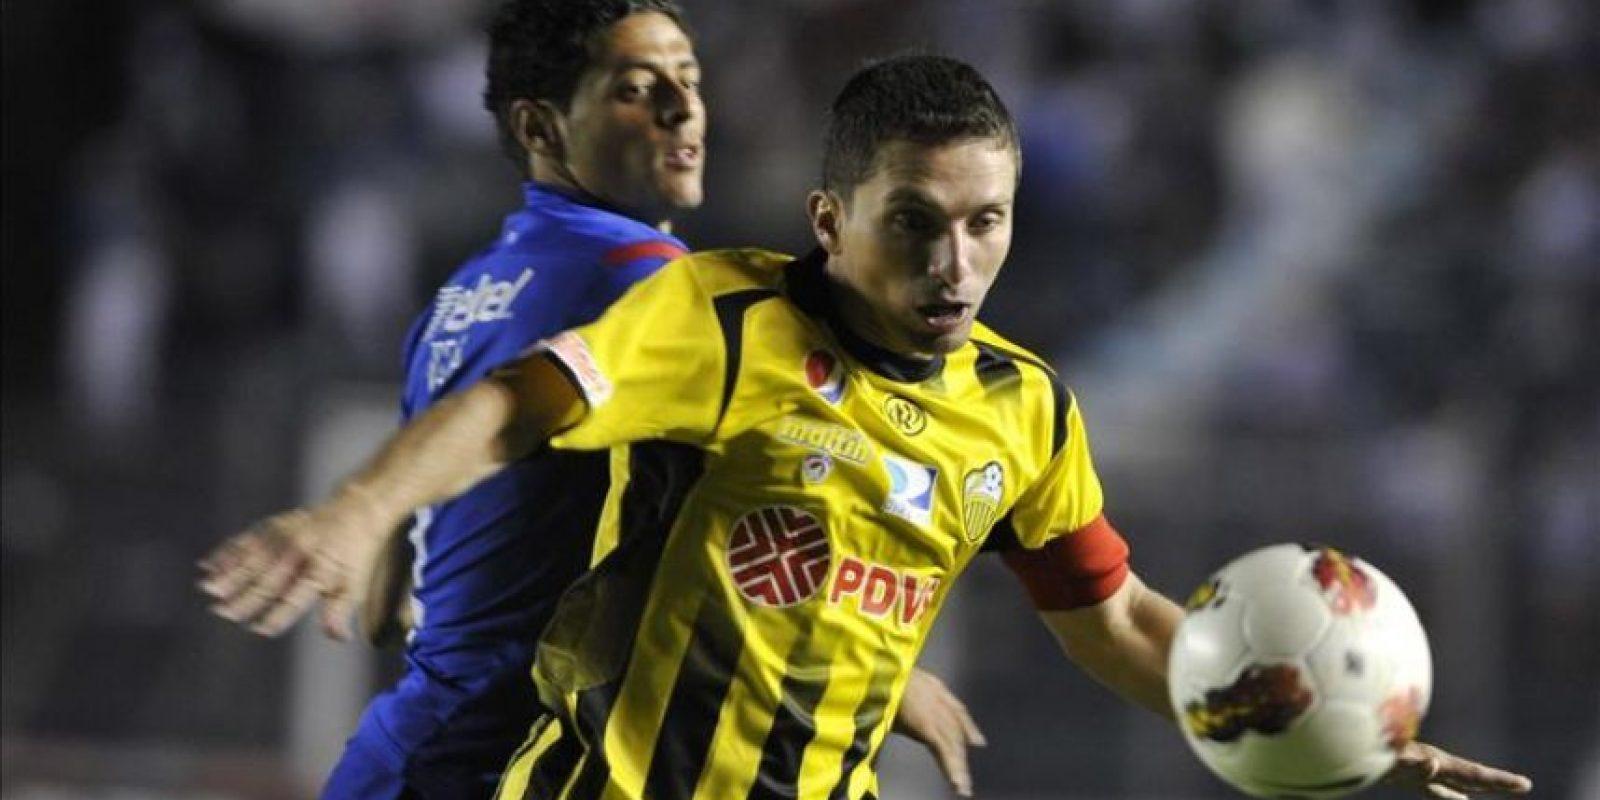 El jugador Alejandro Vela (atrás) del Cruz Azul de México disputa el balón con Gerzón Chacón (frente) del deportivo Táchira de Venezuela este 21 de febrero, durante un juego correspondiente a la Copa Libertadores en el Estadio Azul de Ciudad de México (México). EFE